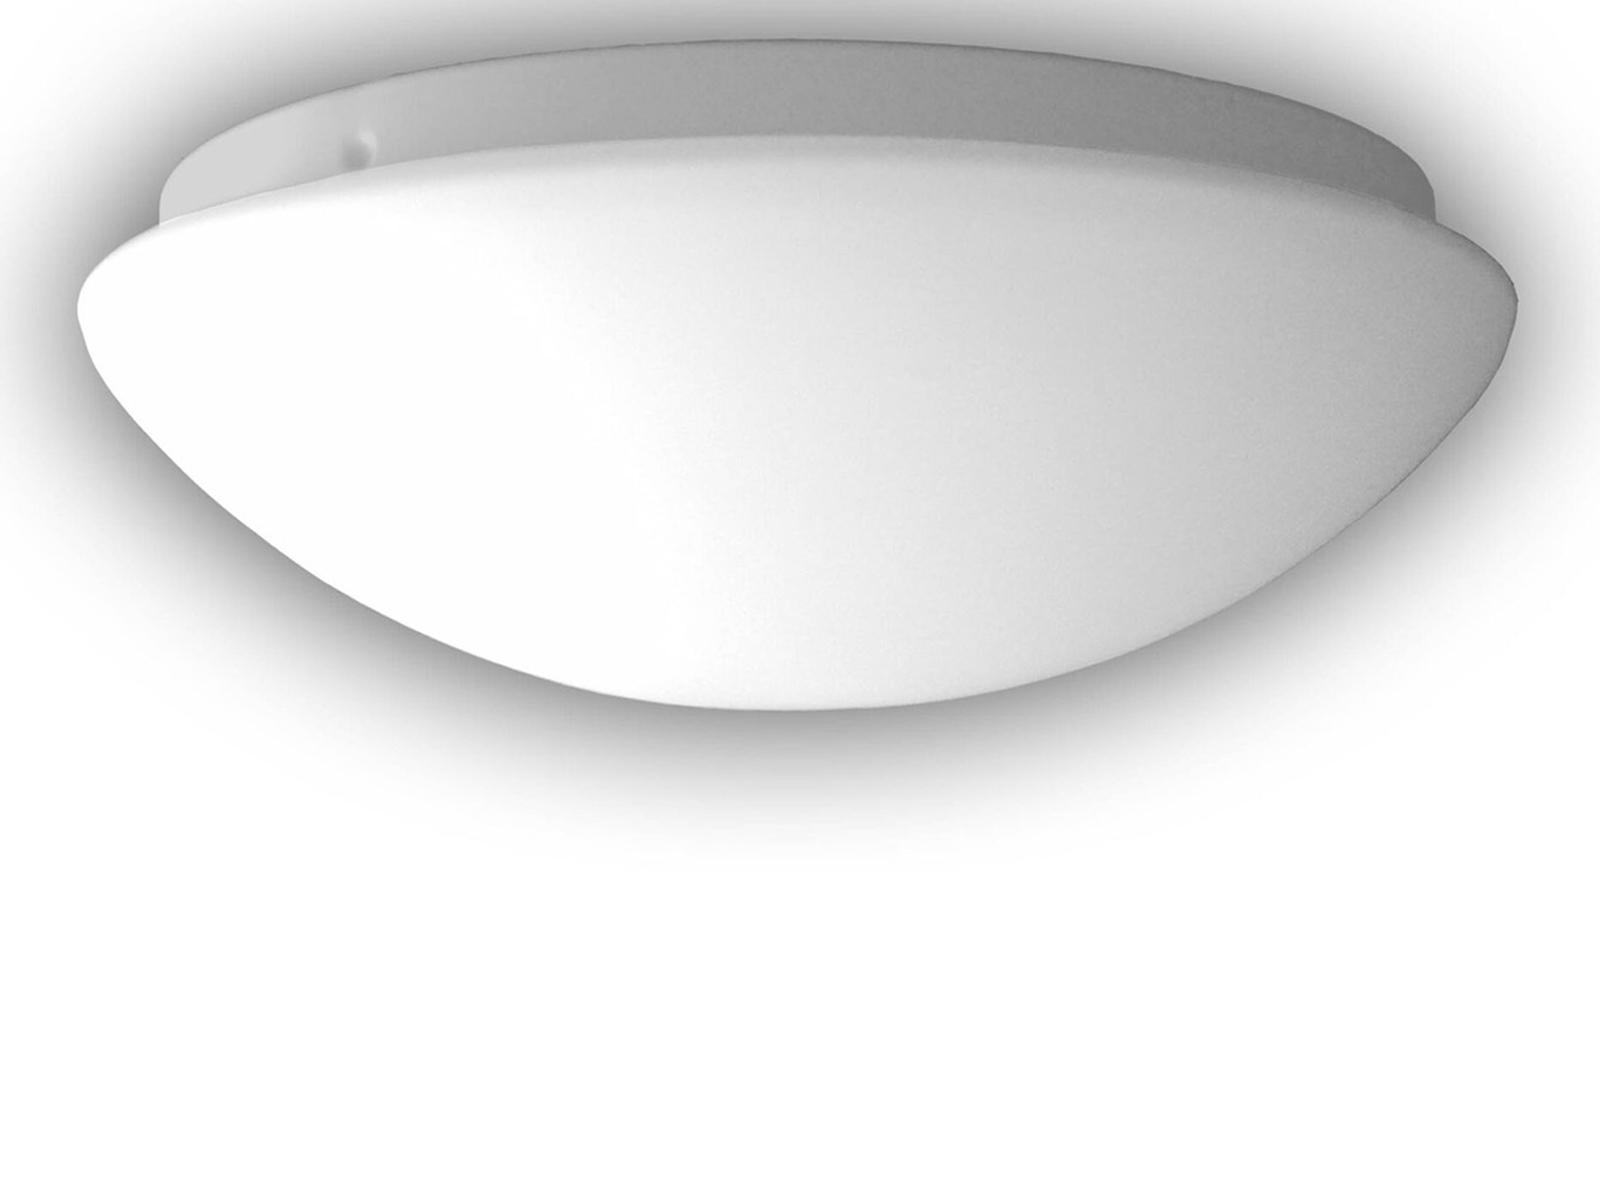 Glas PERGAMNET Ø 35cm Küchenlampe *NEU* Deckenleuchte  Deckenschale rund